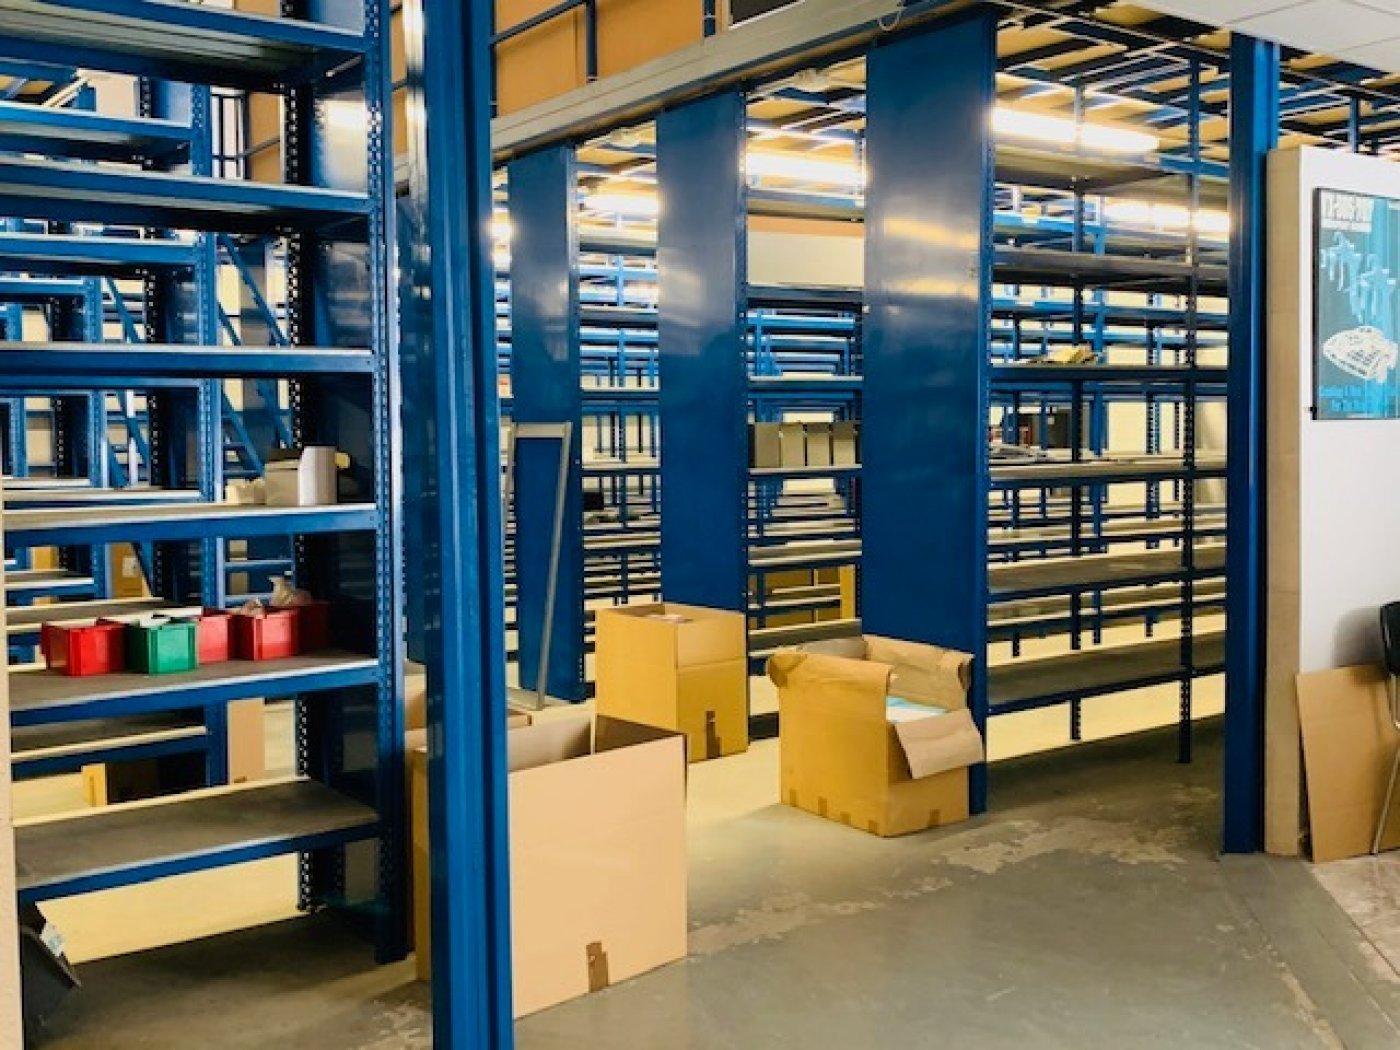 Fantásticas oficinas de 500 m2 en nave sinia vaques - imagenInmueble0